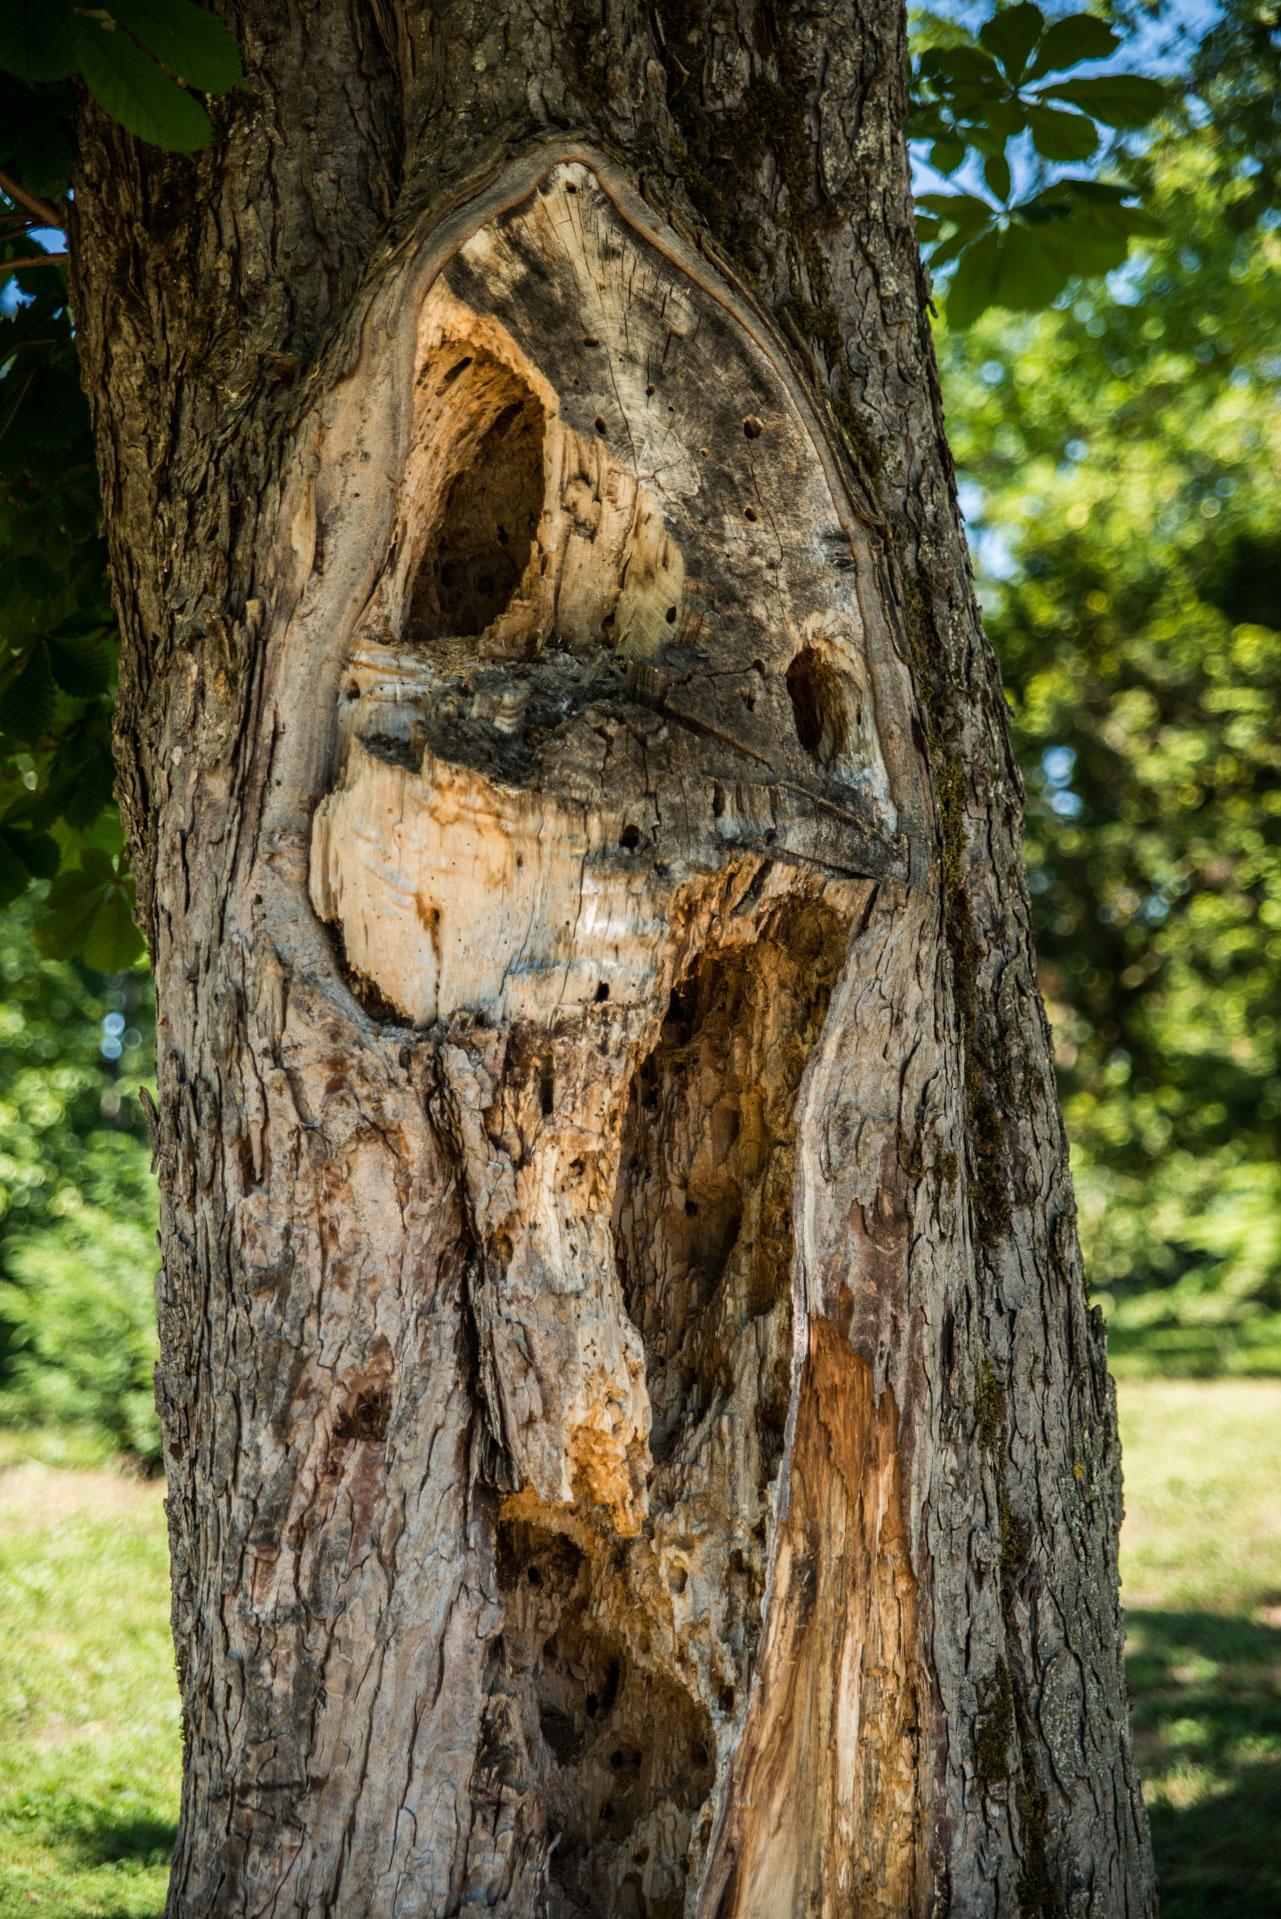 arbre hanté au shooting cosplay des voyageurs